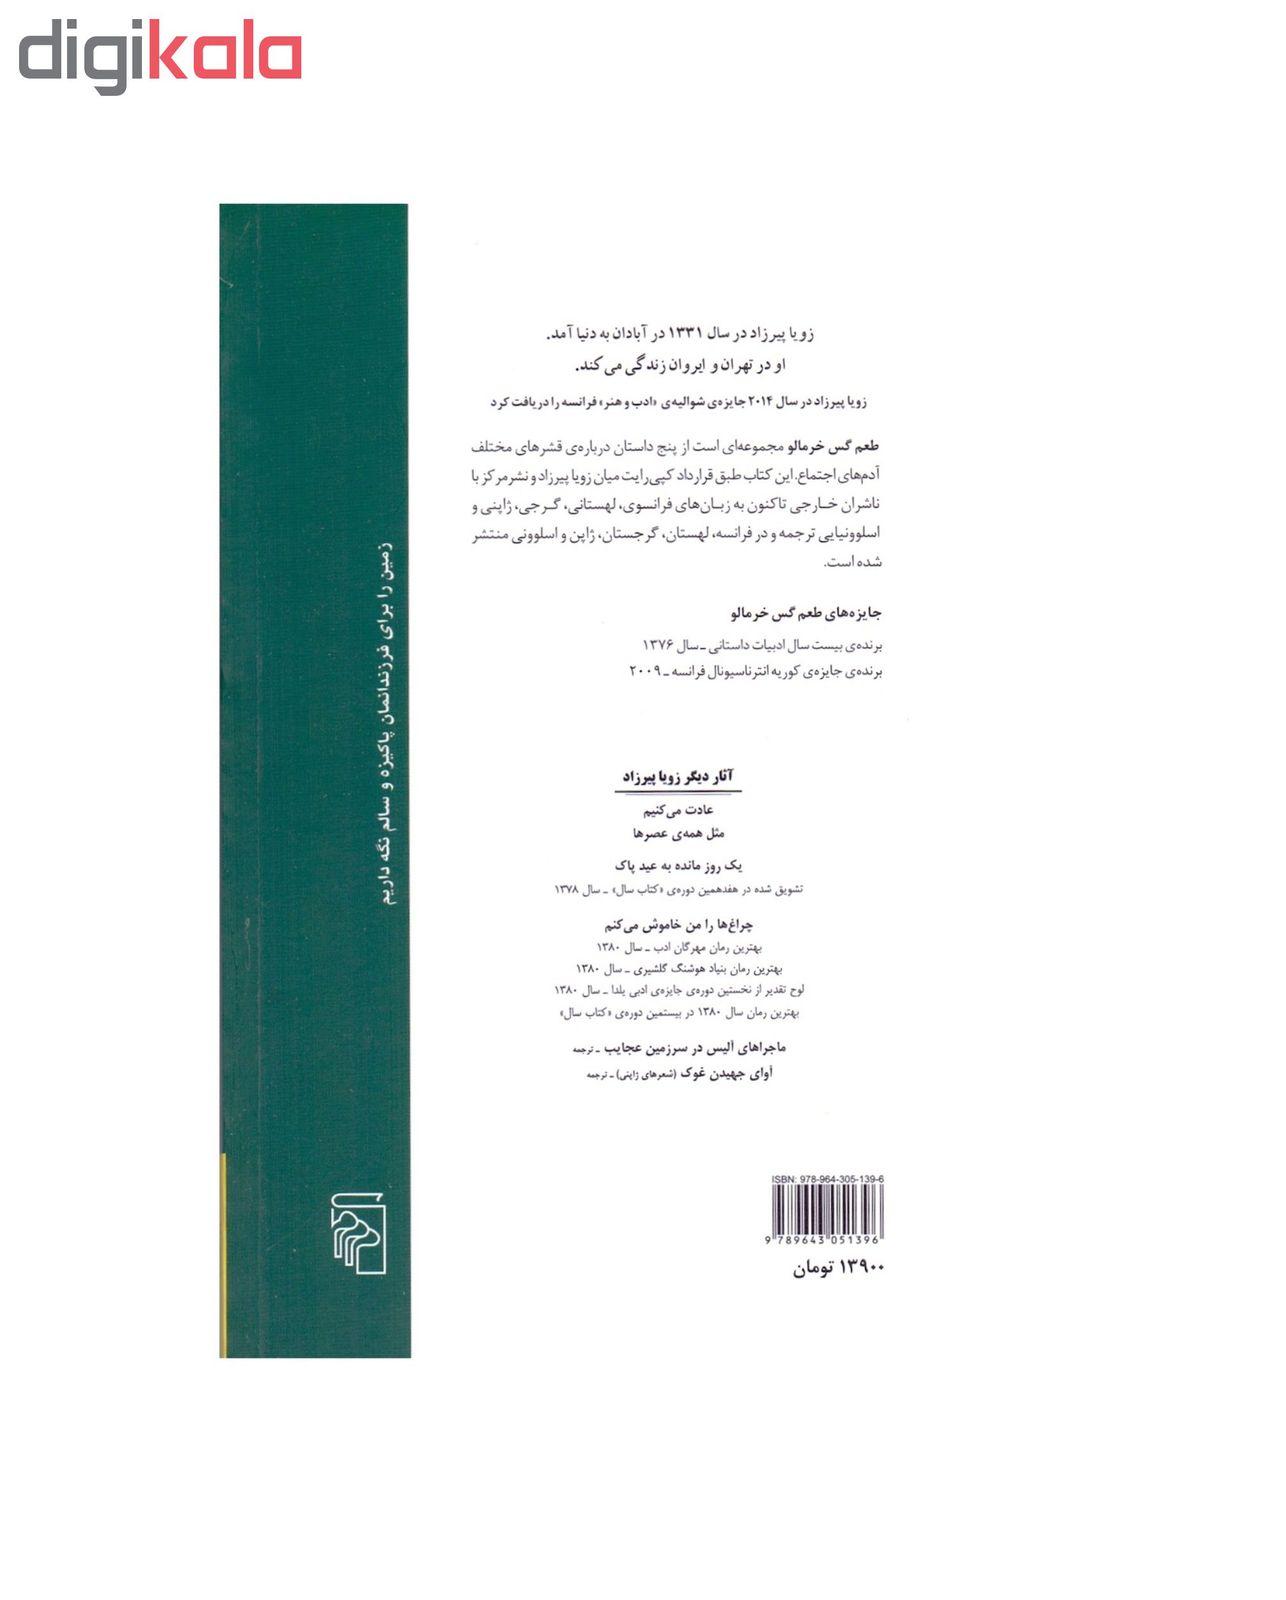 مجموعه کتاب های  مثل همه عصر ها  طعم گس خرمالو و  یک روز مانده به عید پاک اثر زویا پیرزاد نشرمرکز main 1 4